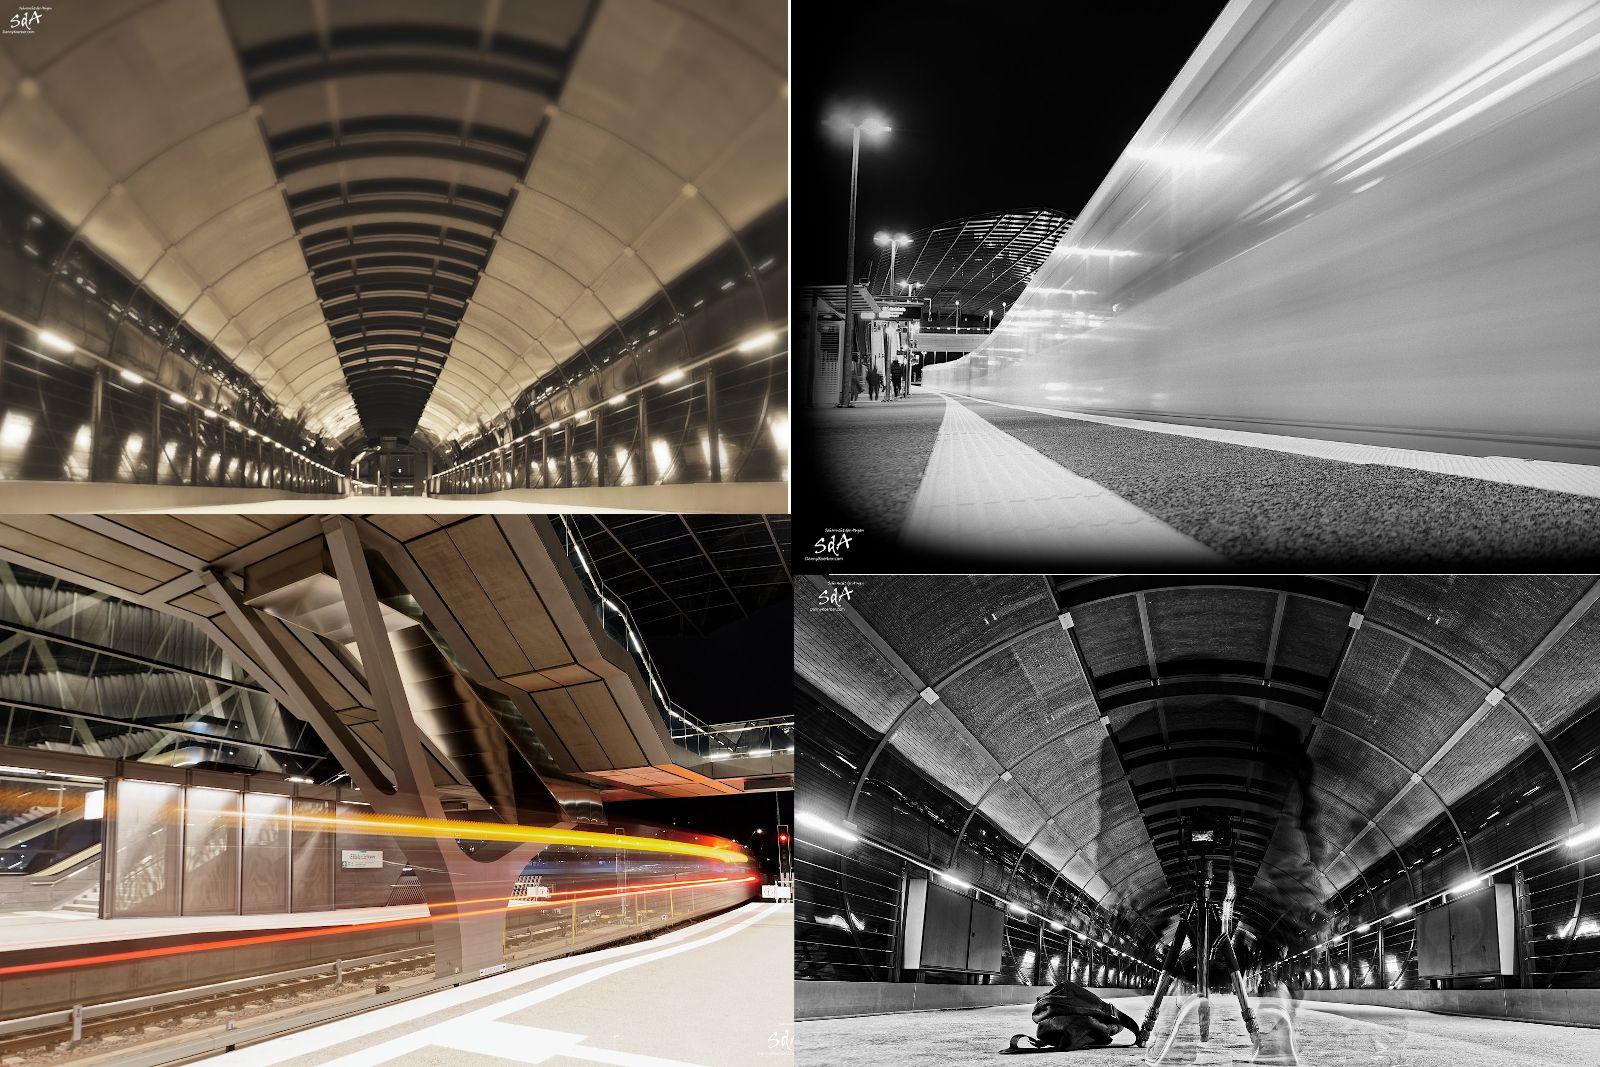 Ein Abend an der Bahn